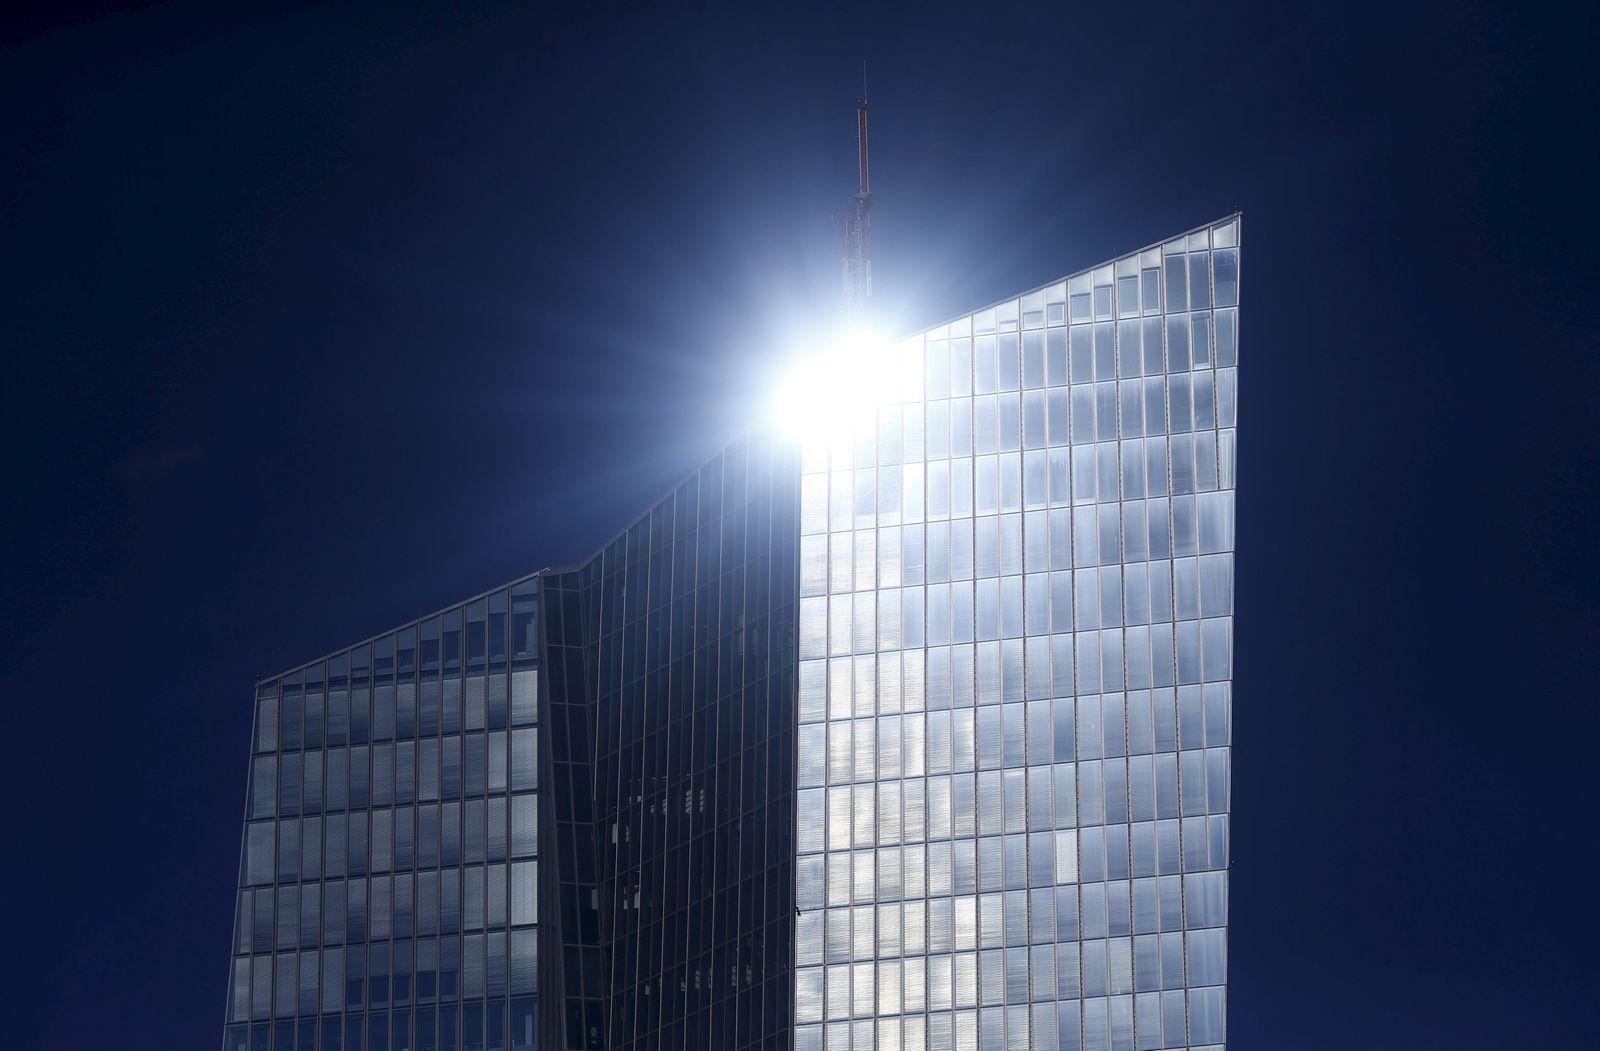 EZB/ ECB/ Gebäude/ Building